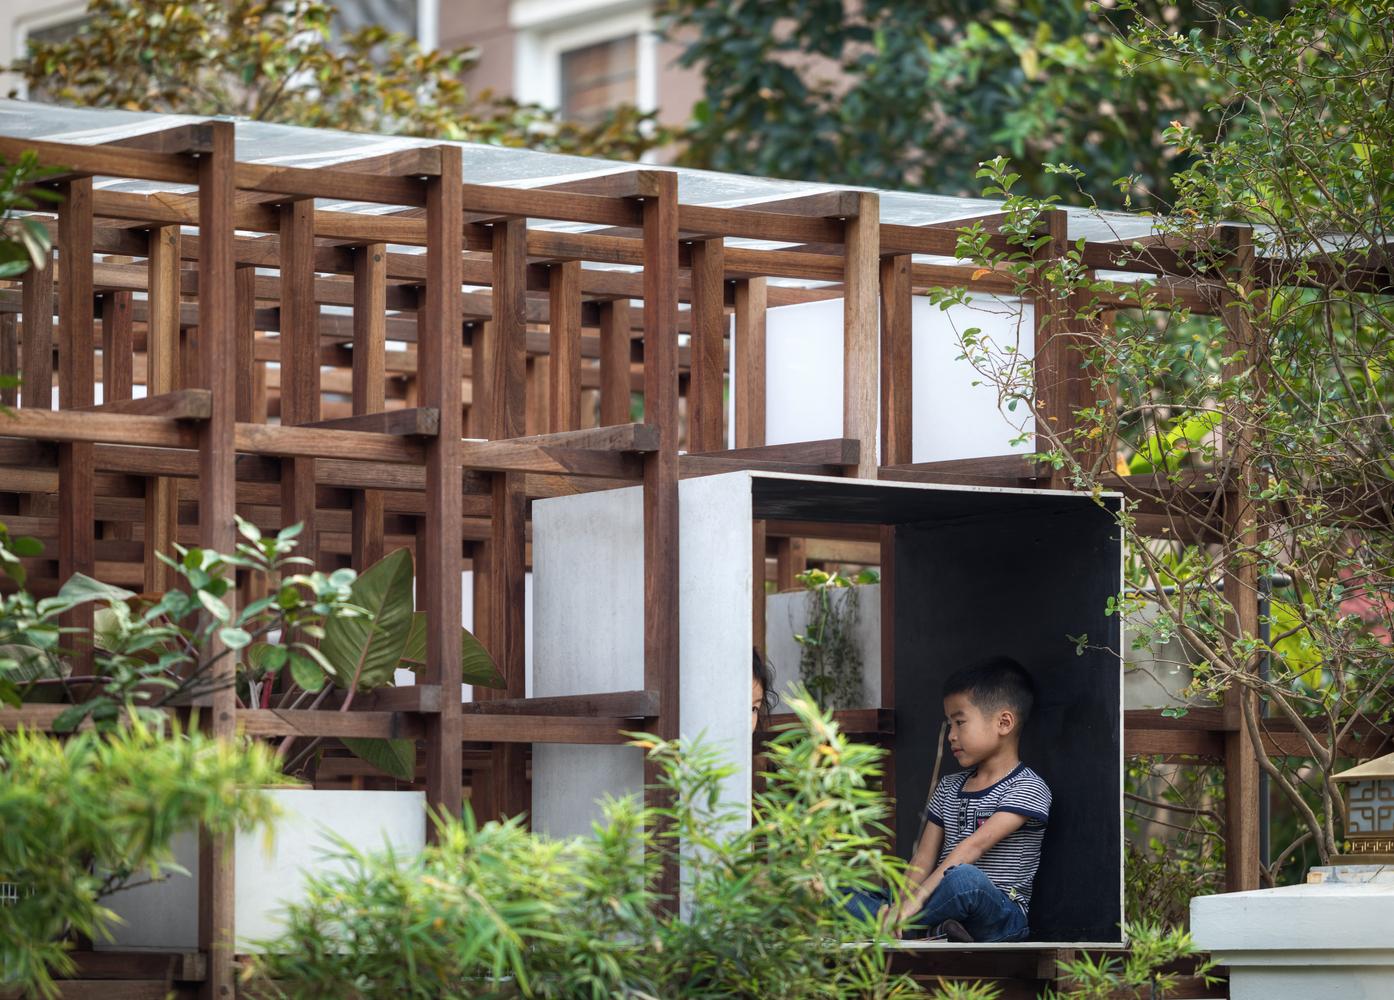 bé trai ngồi trong thư viện bằng gỗ